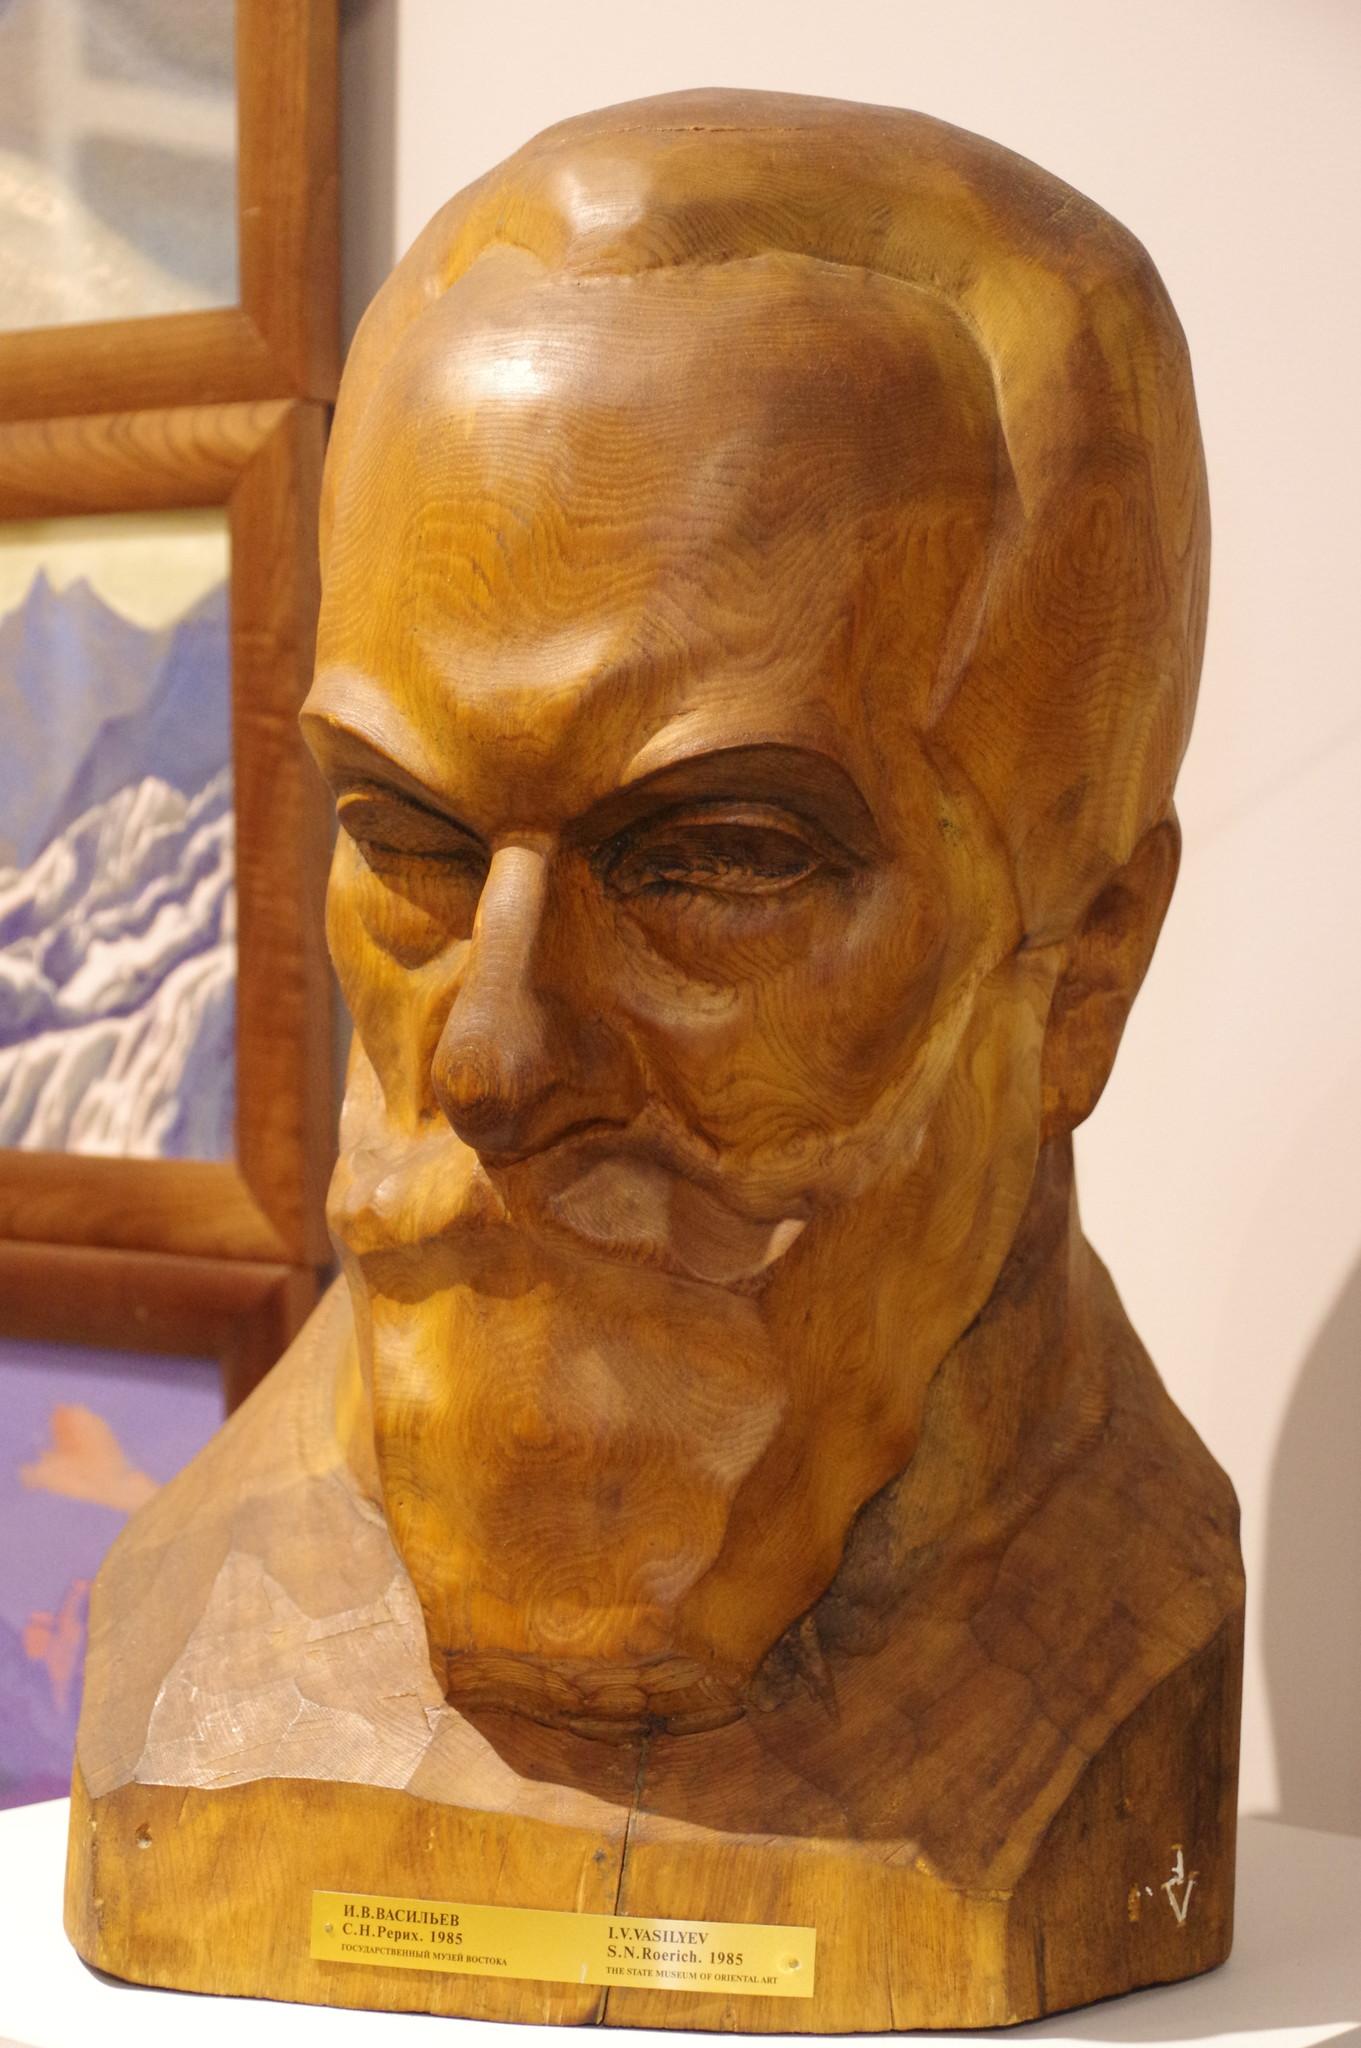 С.Н. Рерих. 1985 г. Васильев И.В. Музей Рерихов (филиал Государственного Музея Востока) на ВДНХ